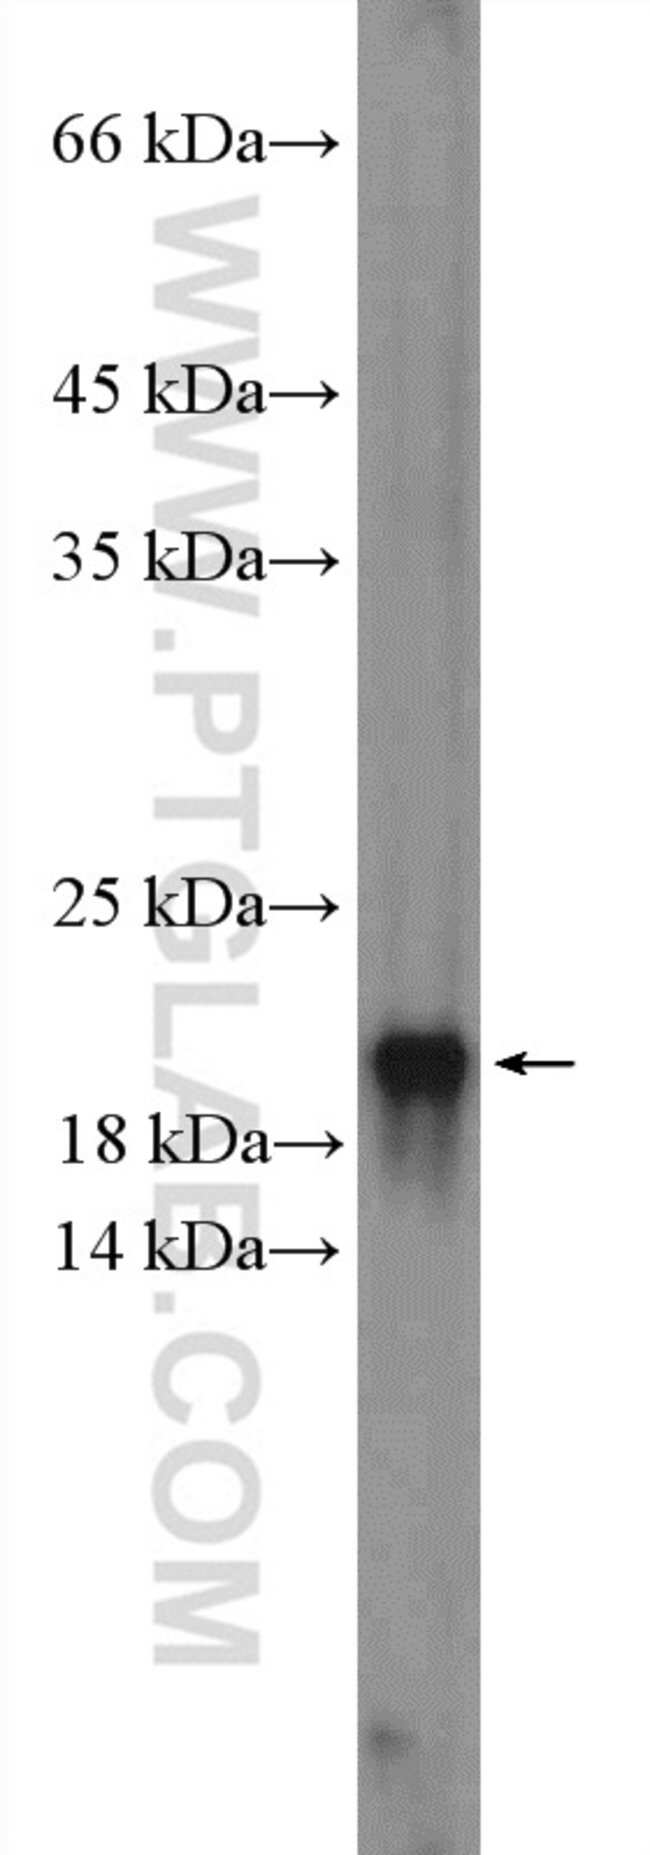 CENPA Rabbit anti-Human, Polyclonal, Proteintech 20 μL; Unconjugated voir les résultats